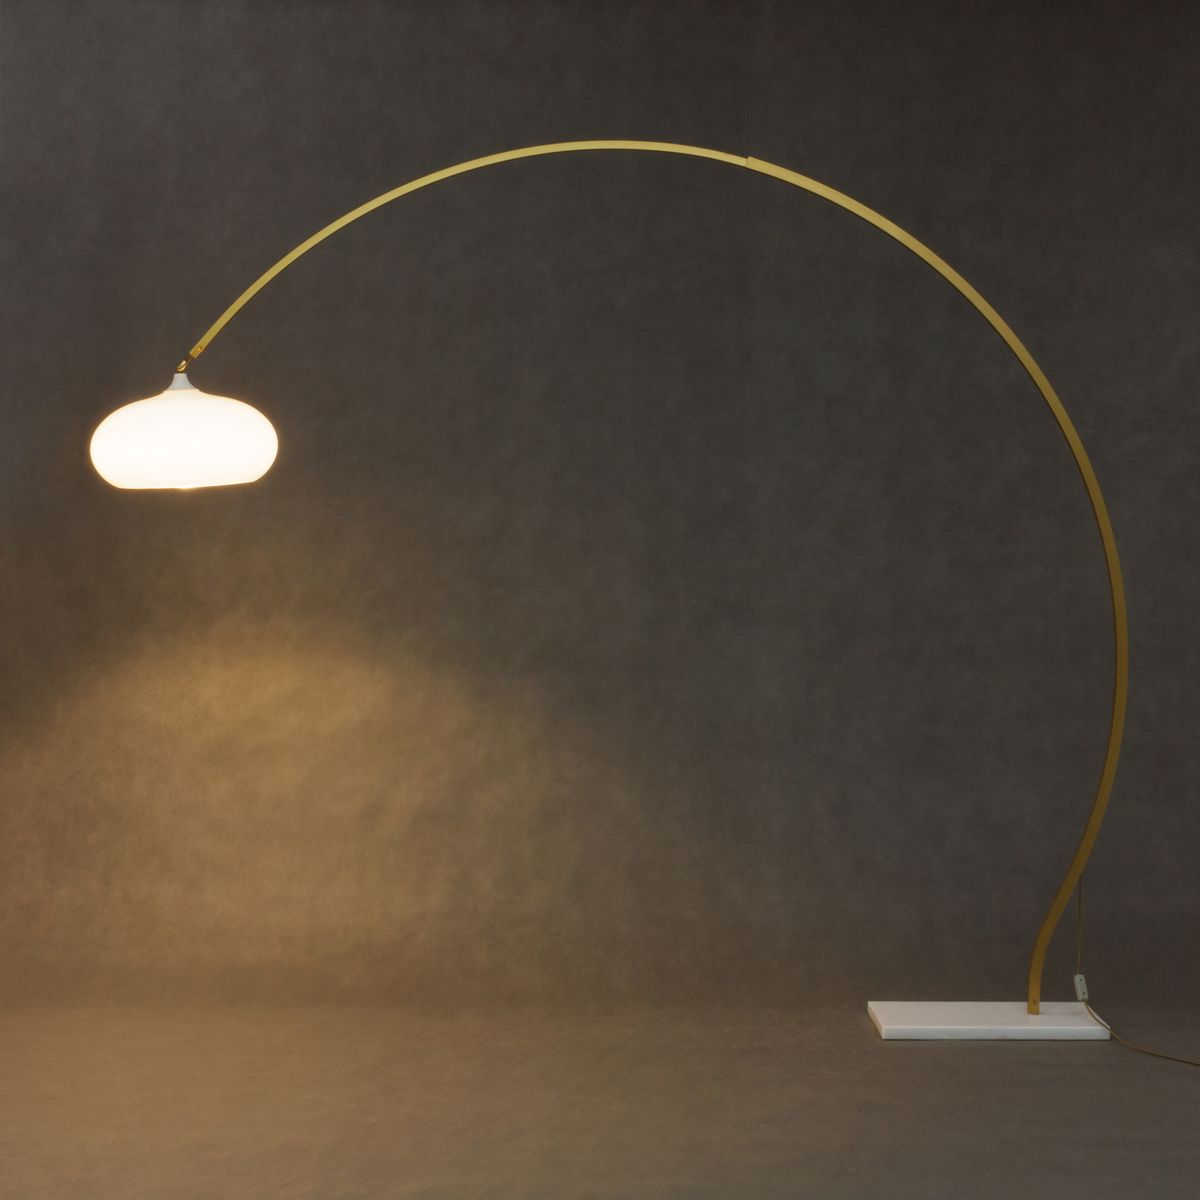 Lampada ad arco vintage in marmo, Italia in vendita su Pamono